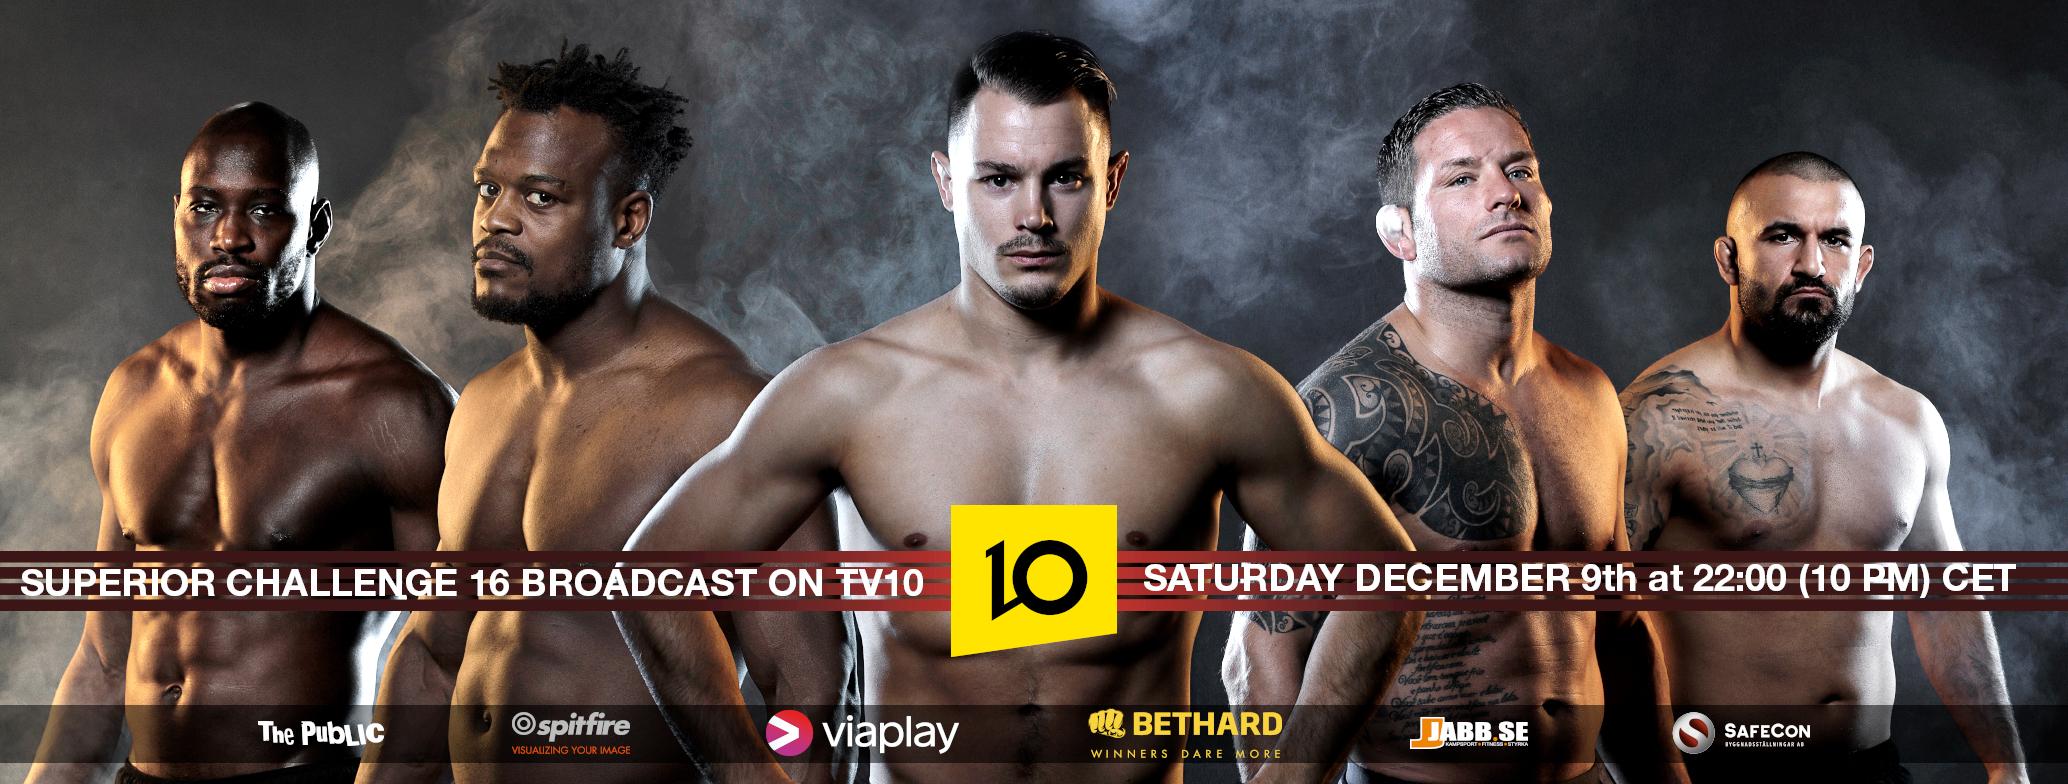 TV sändning Superior Challenge 16 TV10